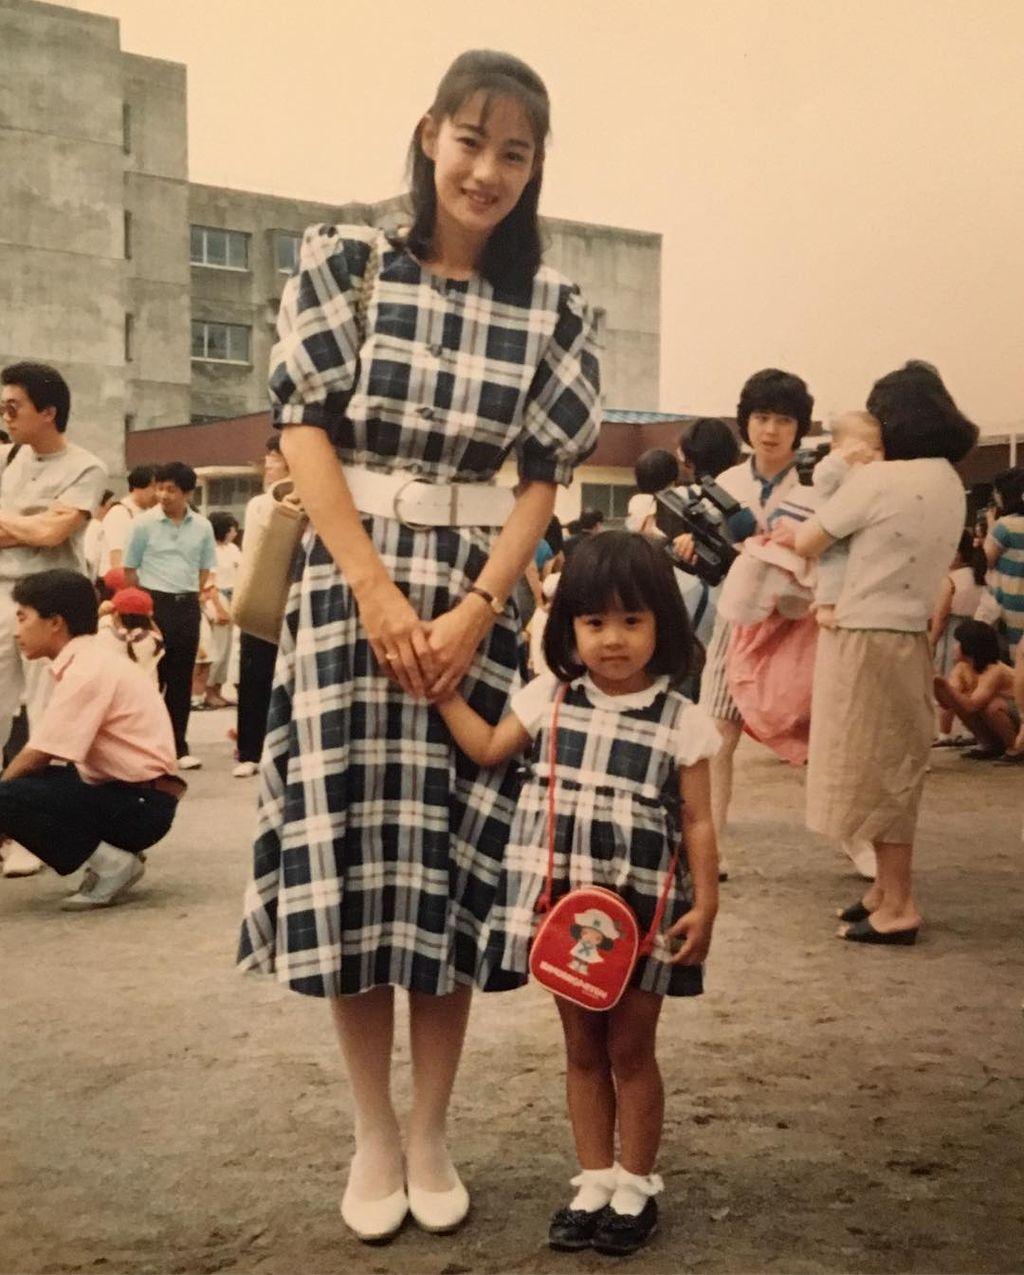 【芸能】加藤綾子、美人母との幼少期2ショットを公開「DNAってすごい」「今のカトパンにそっくり」の声